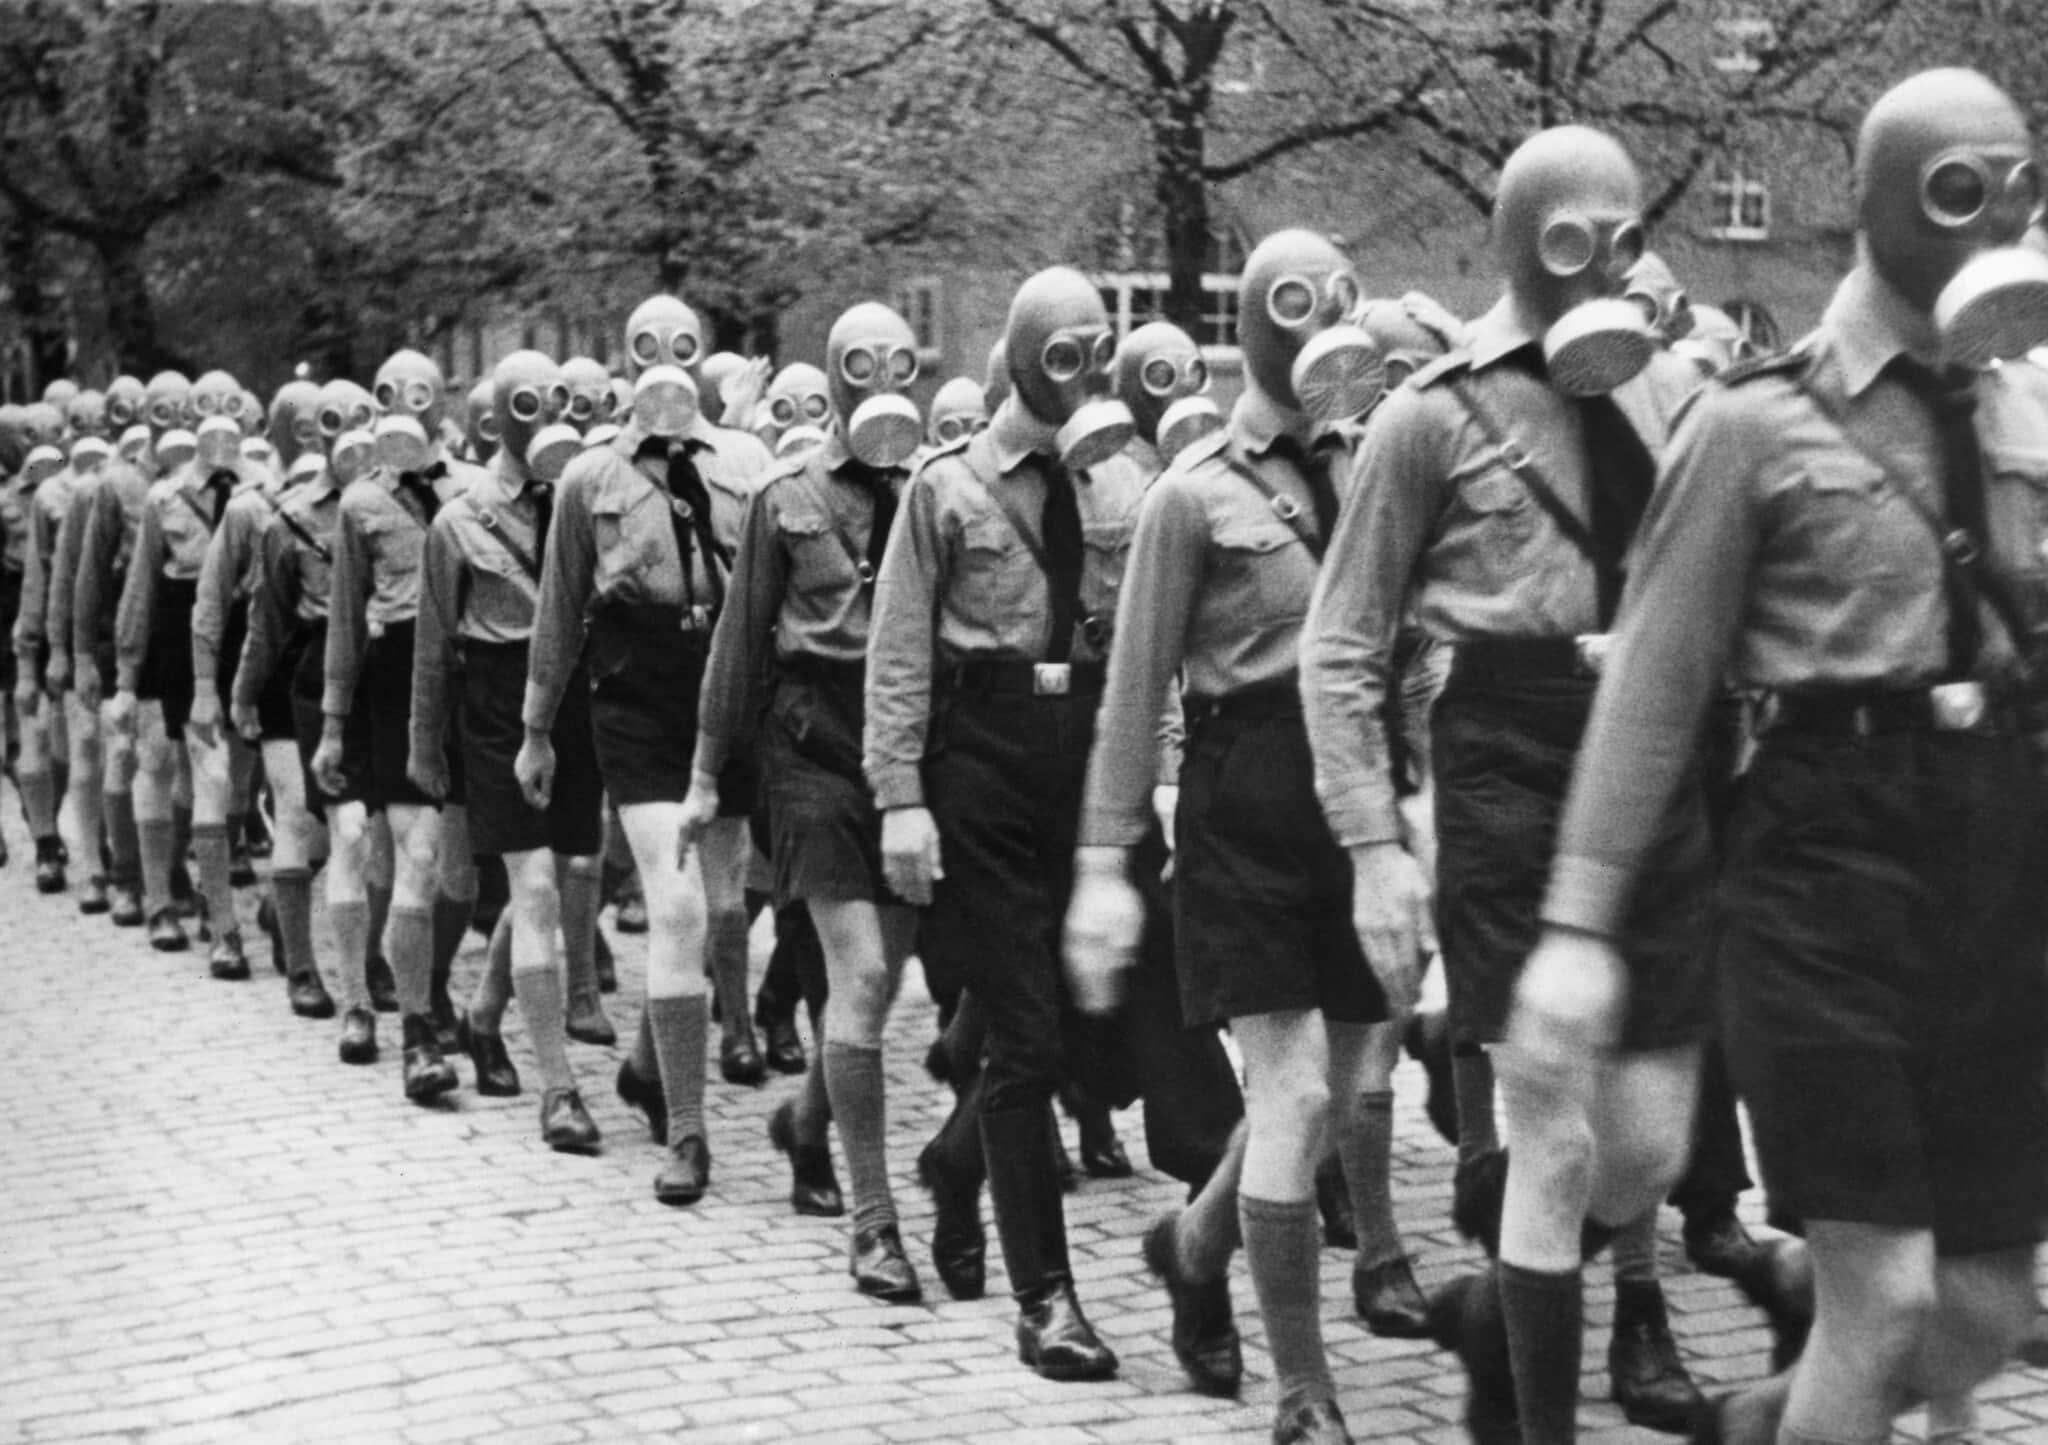 נוער היטלר מתאמן בחבישת מסכות גז, 19391 (צילום: AP)